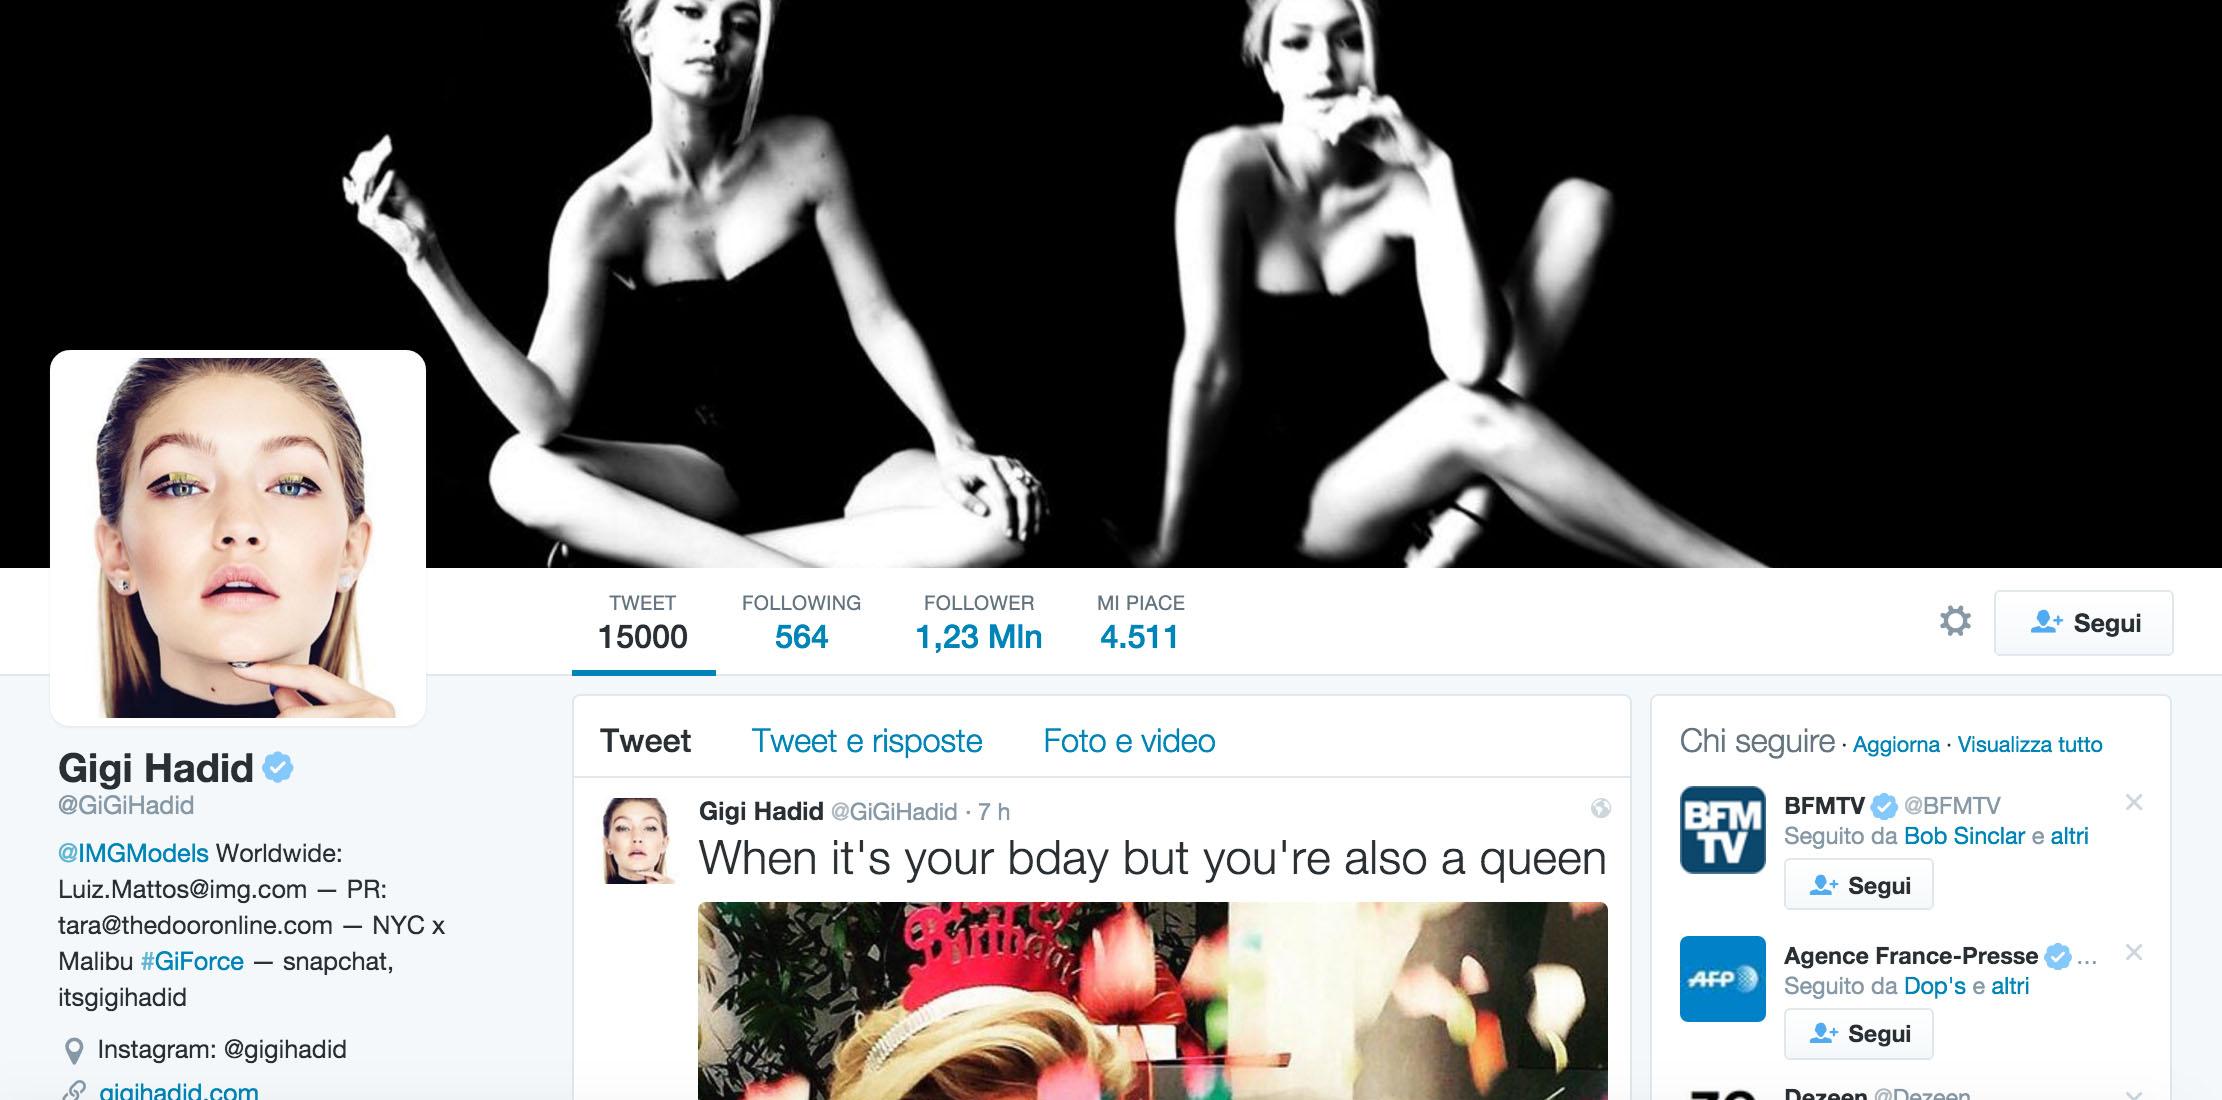 Gigi Hadid twitter